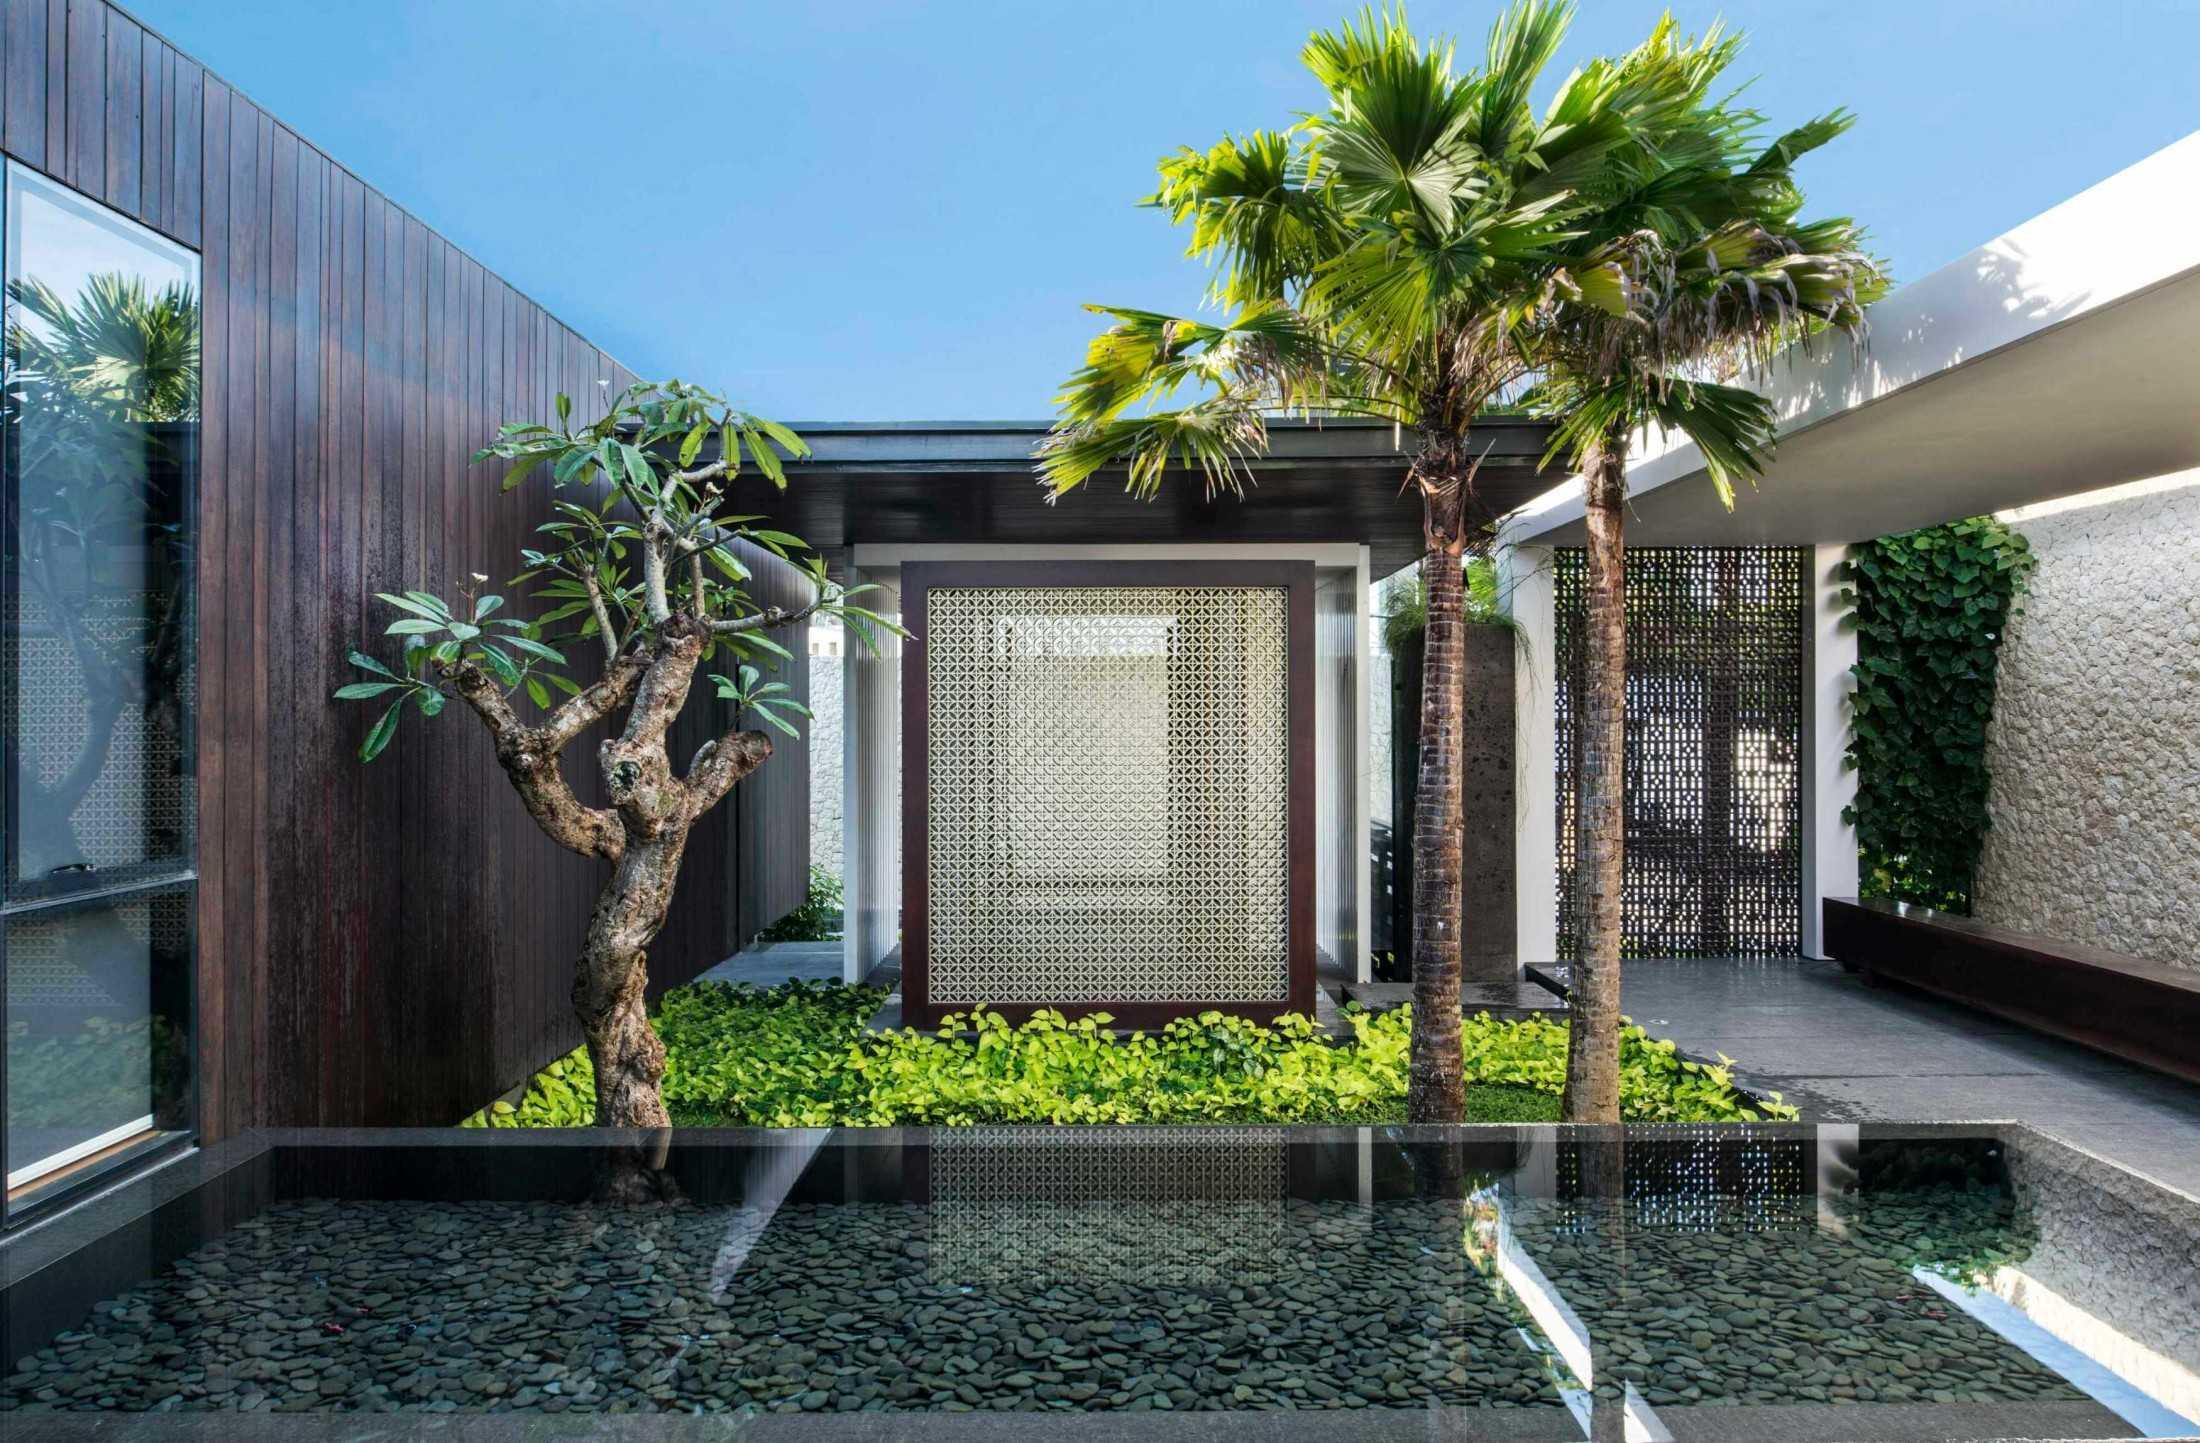 Pekarangan dan kolam, adaptasi unsur magis tradisional dalam bentuk taman tropis kontemporer (Sumber: arsitag.com)